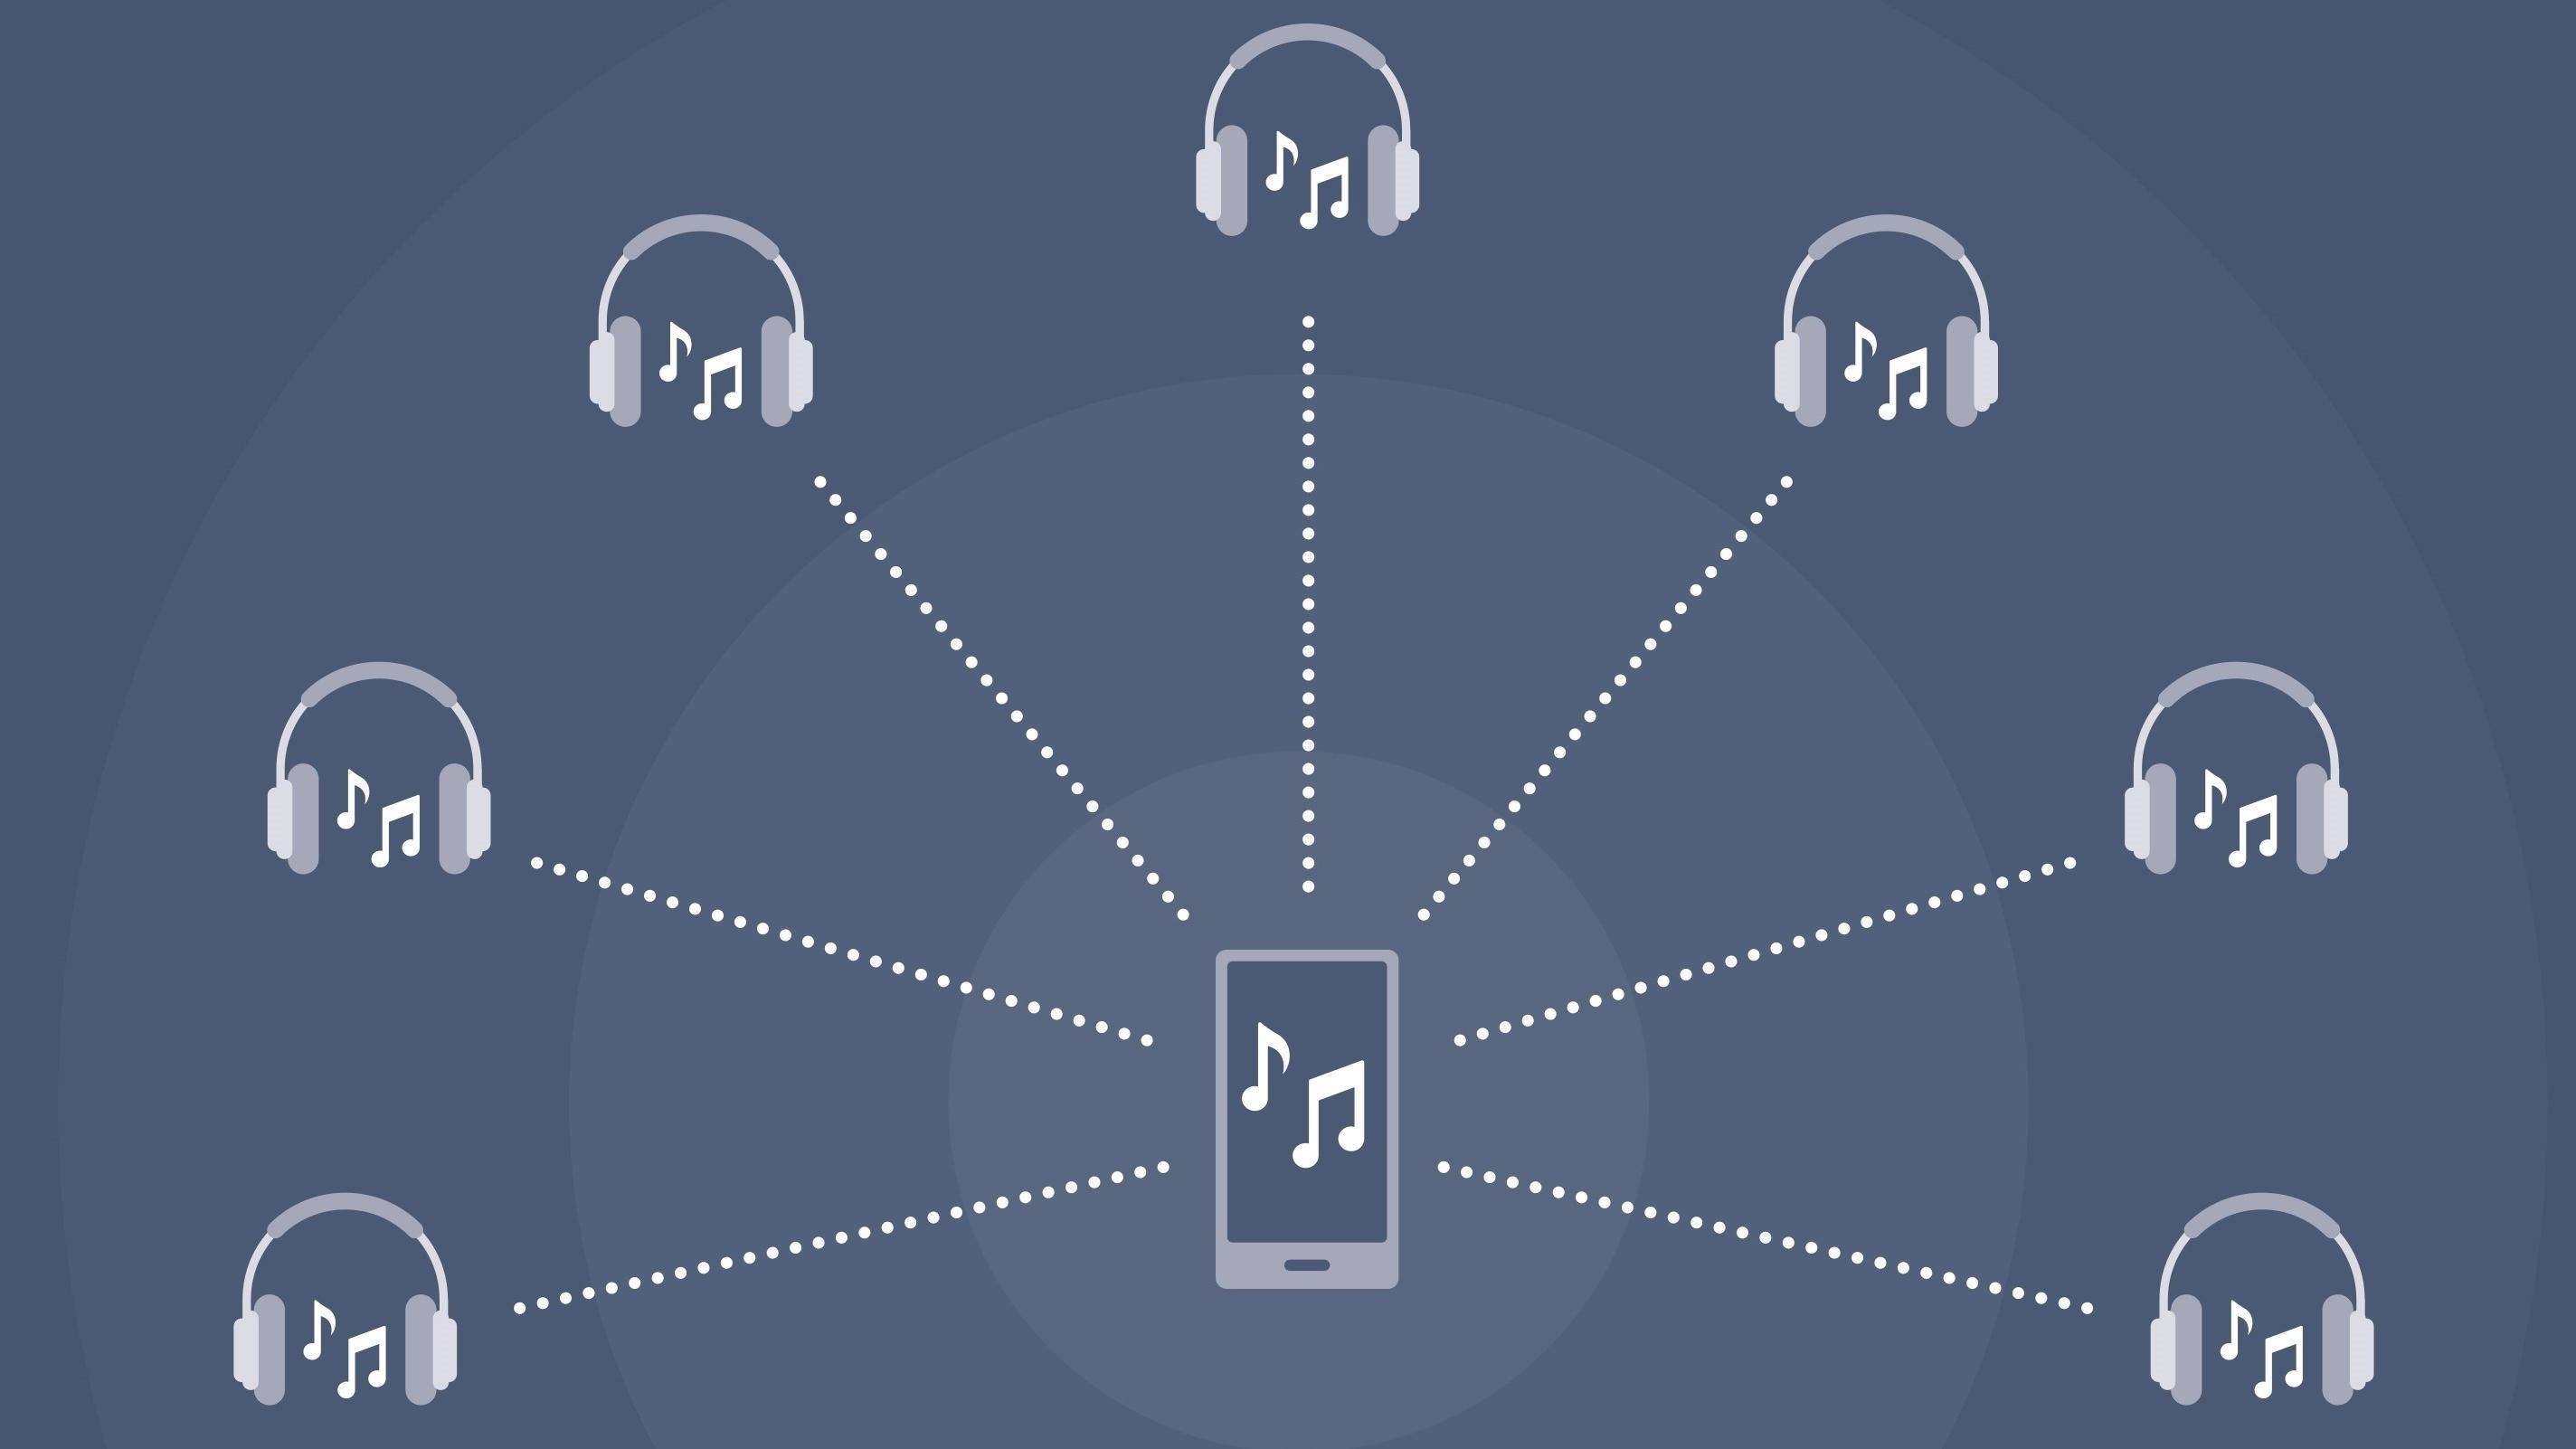 I år vil toppmobilene kunne strømme musikken til flere haugevis av Bluetooth-høyttalere samtidig